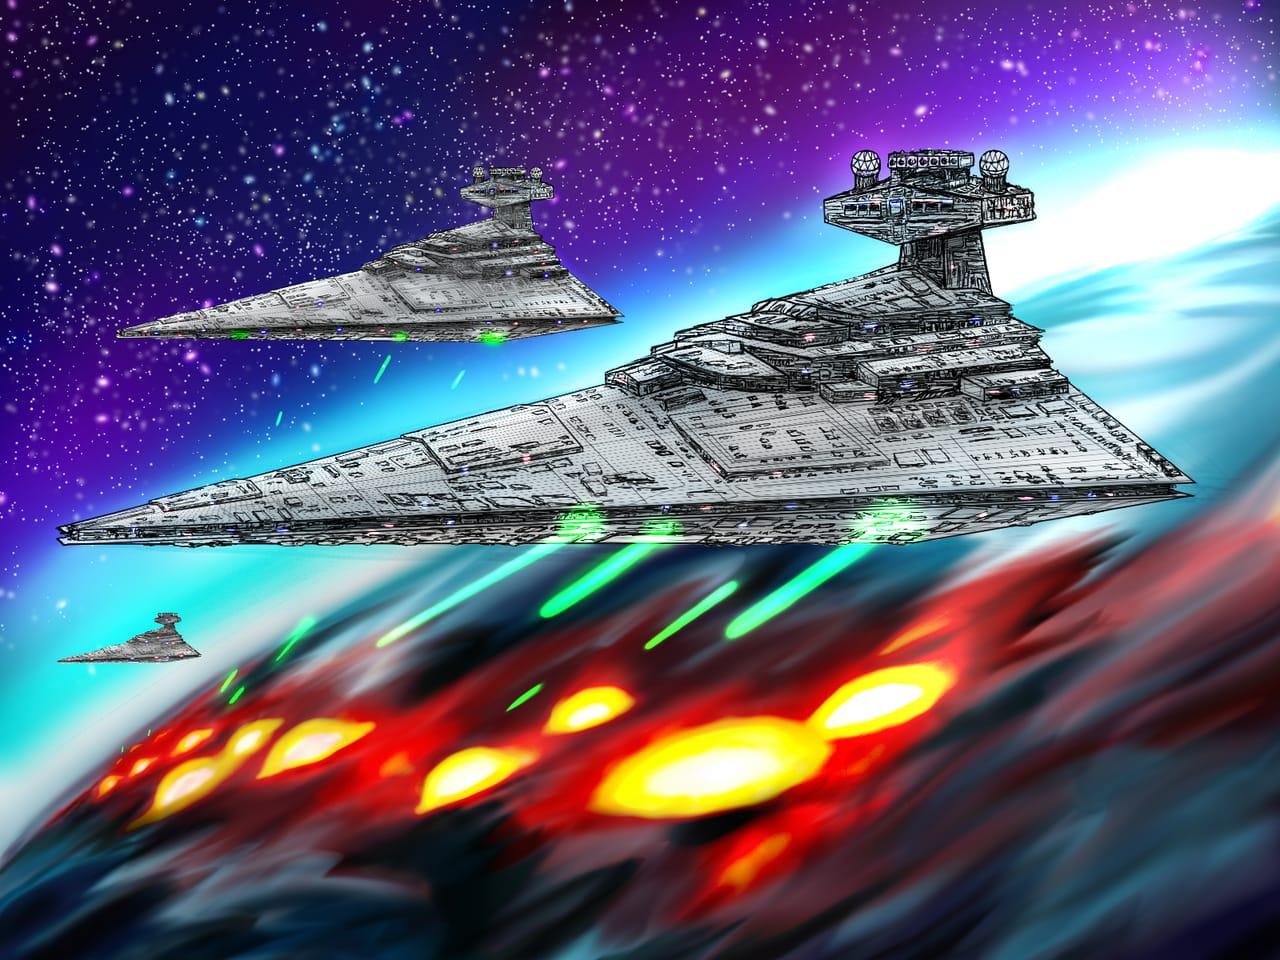 スターデストロイヤー(発光処理有りと無し) Illust of 猫ミミ兵 sci-fi メカ space